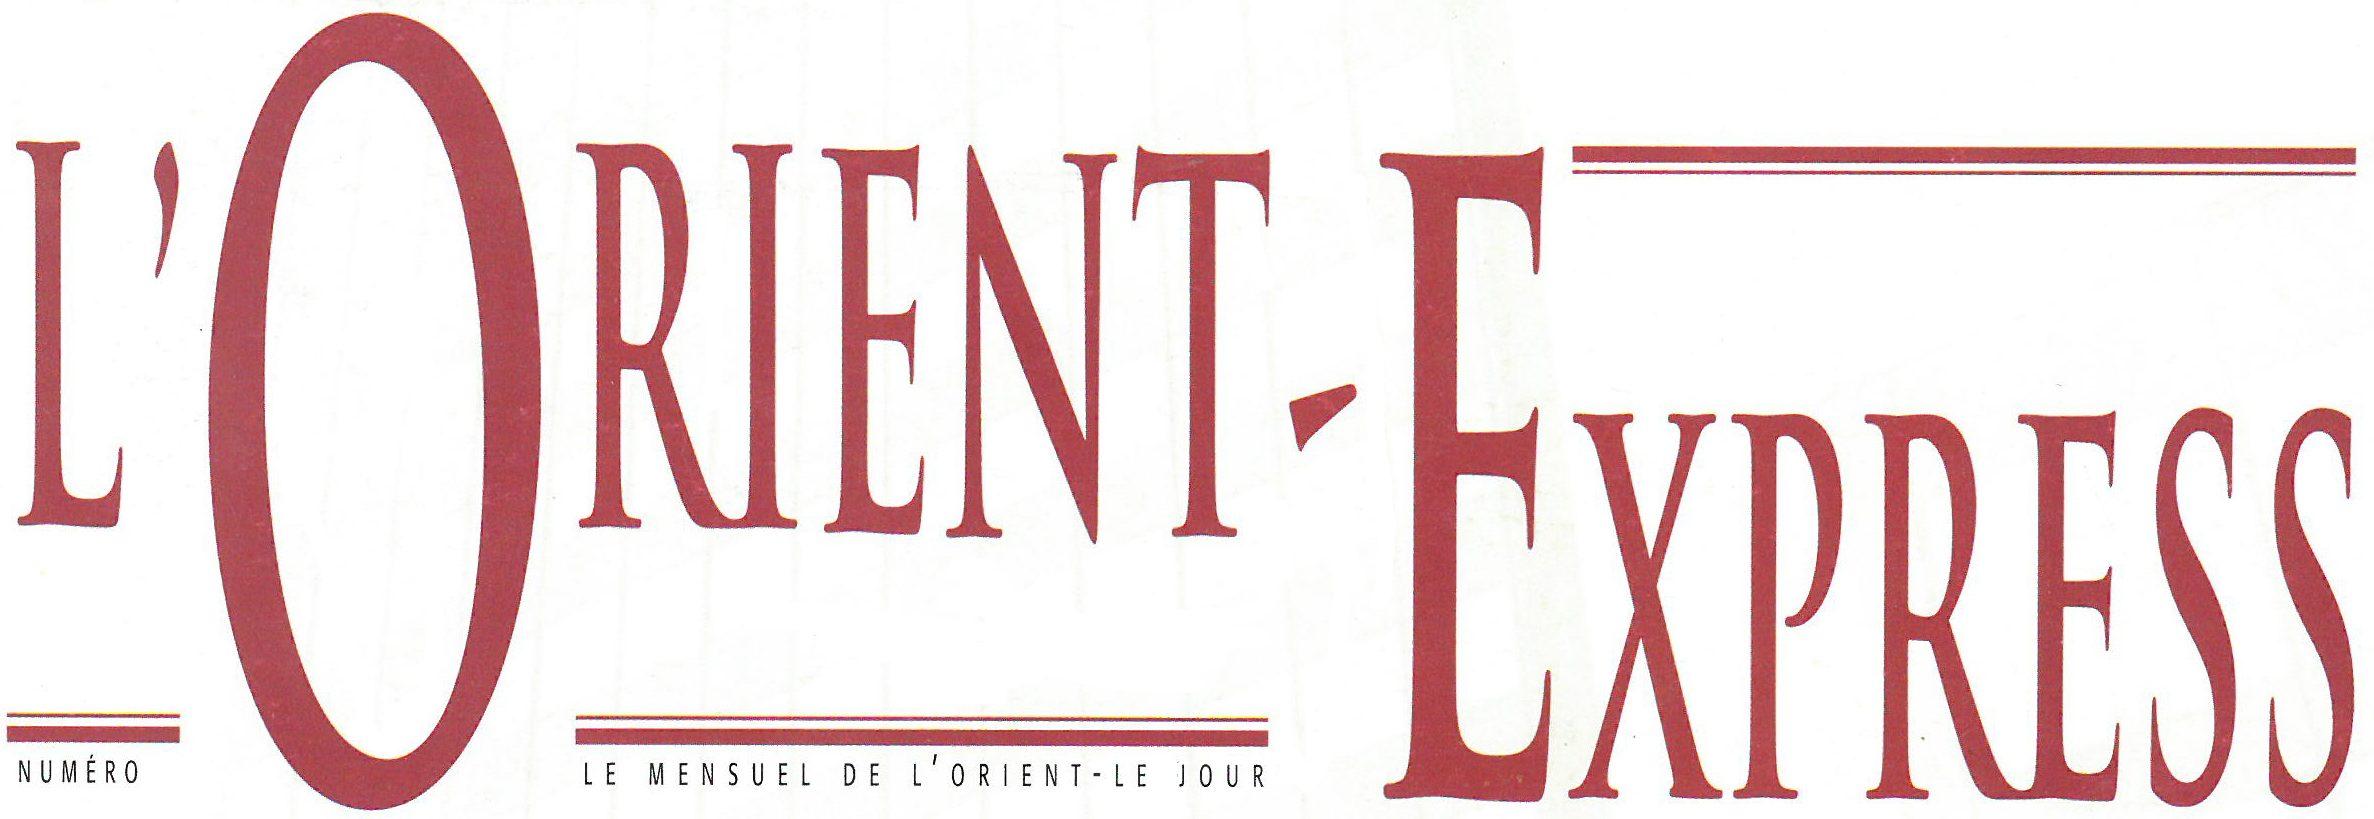 Les archives de l'Orient-Express